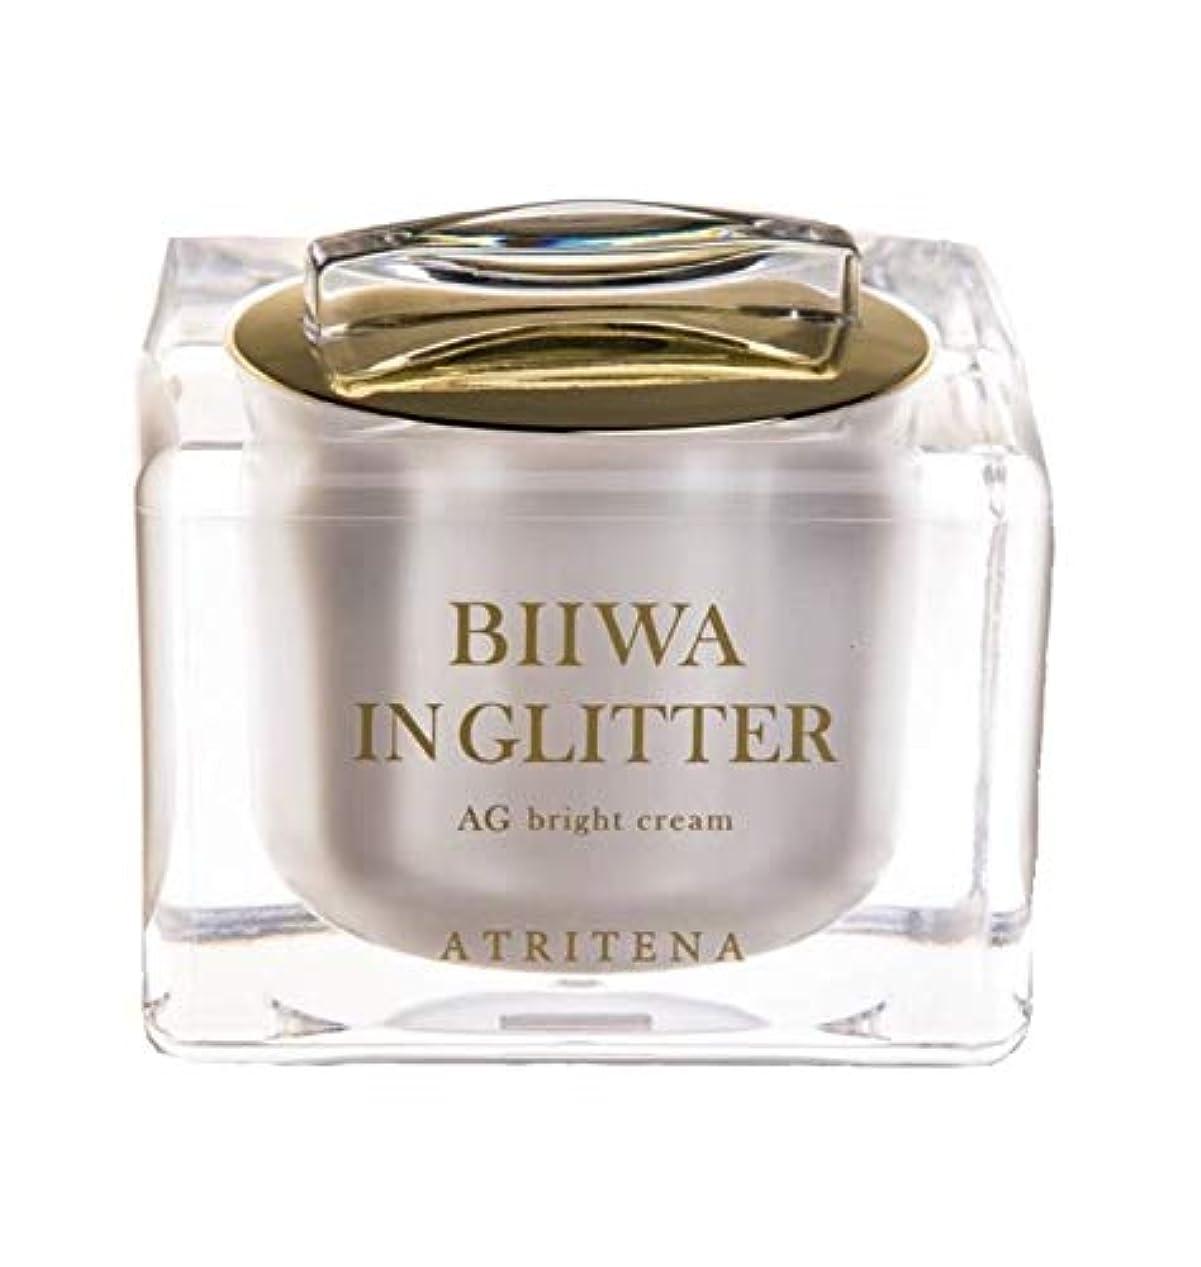 パターンフェンス湾<BWグリッタークリーム> ビワ イン グリッター AG ブライトクリーム BIIWA IN GLITTER 50g